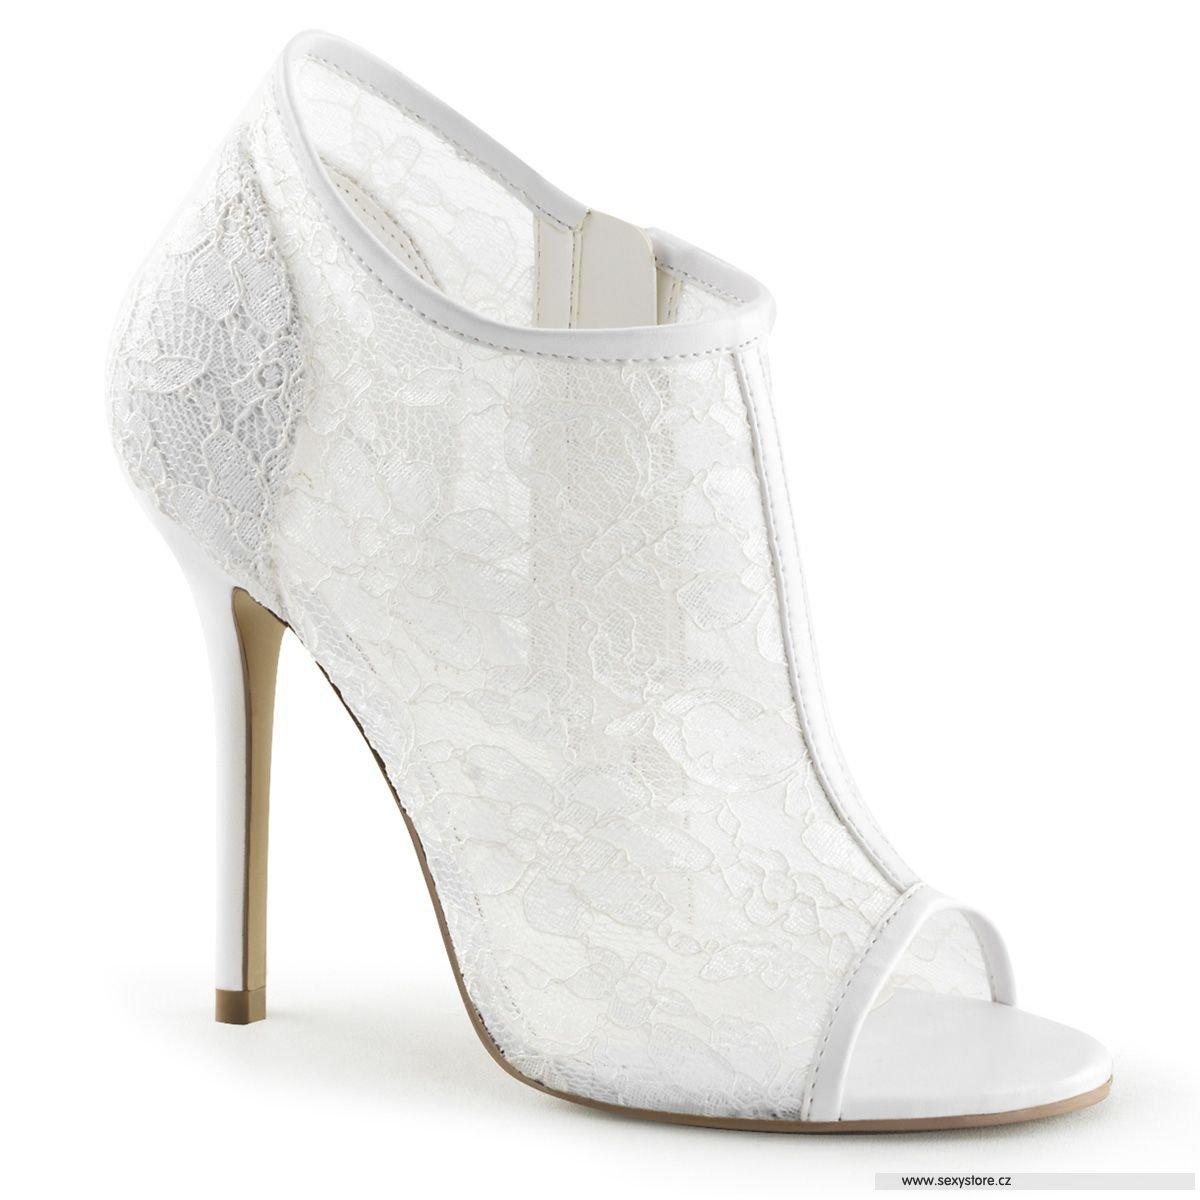 Svatební bílé krajkové lodičky AMUSE-56 IVLC-MS na vysokém podpatku ... 650d53c476